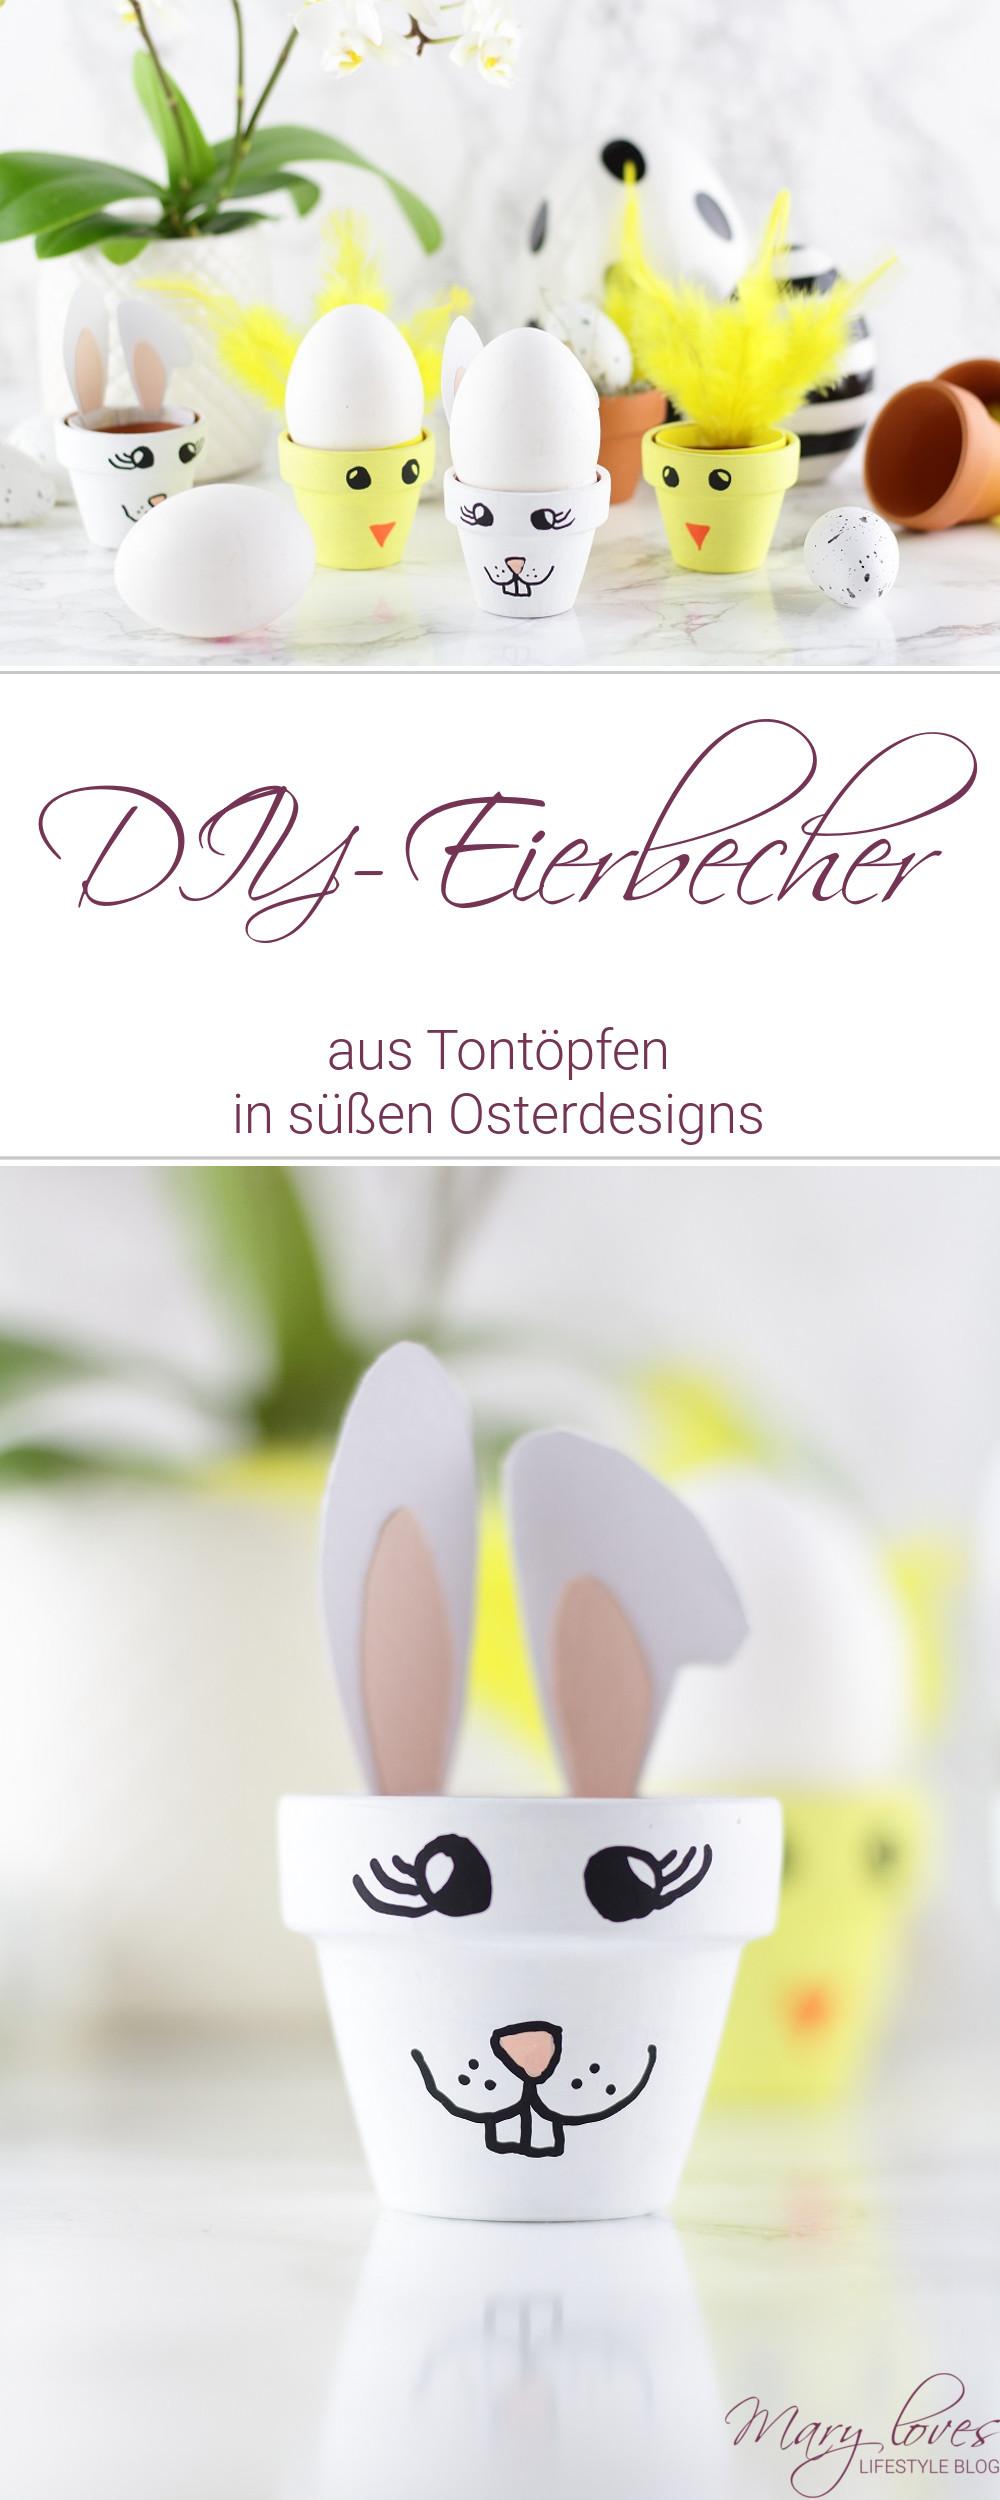 Diy Eierbecher Aus Tontöpfen In Süßen Osterdesigns Mary Loves